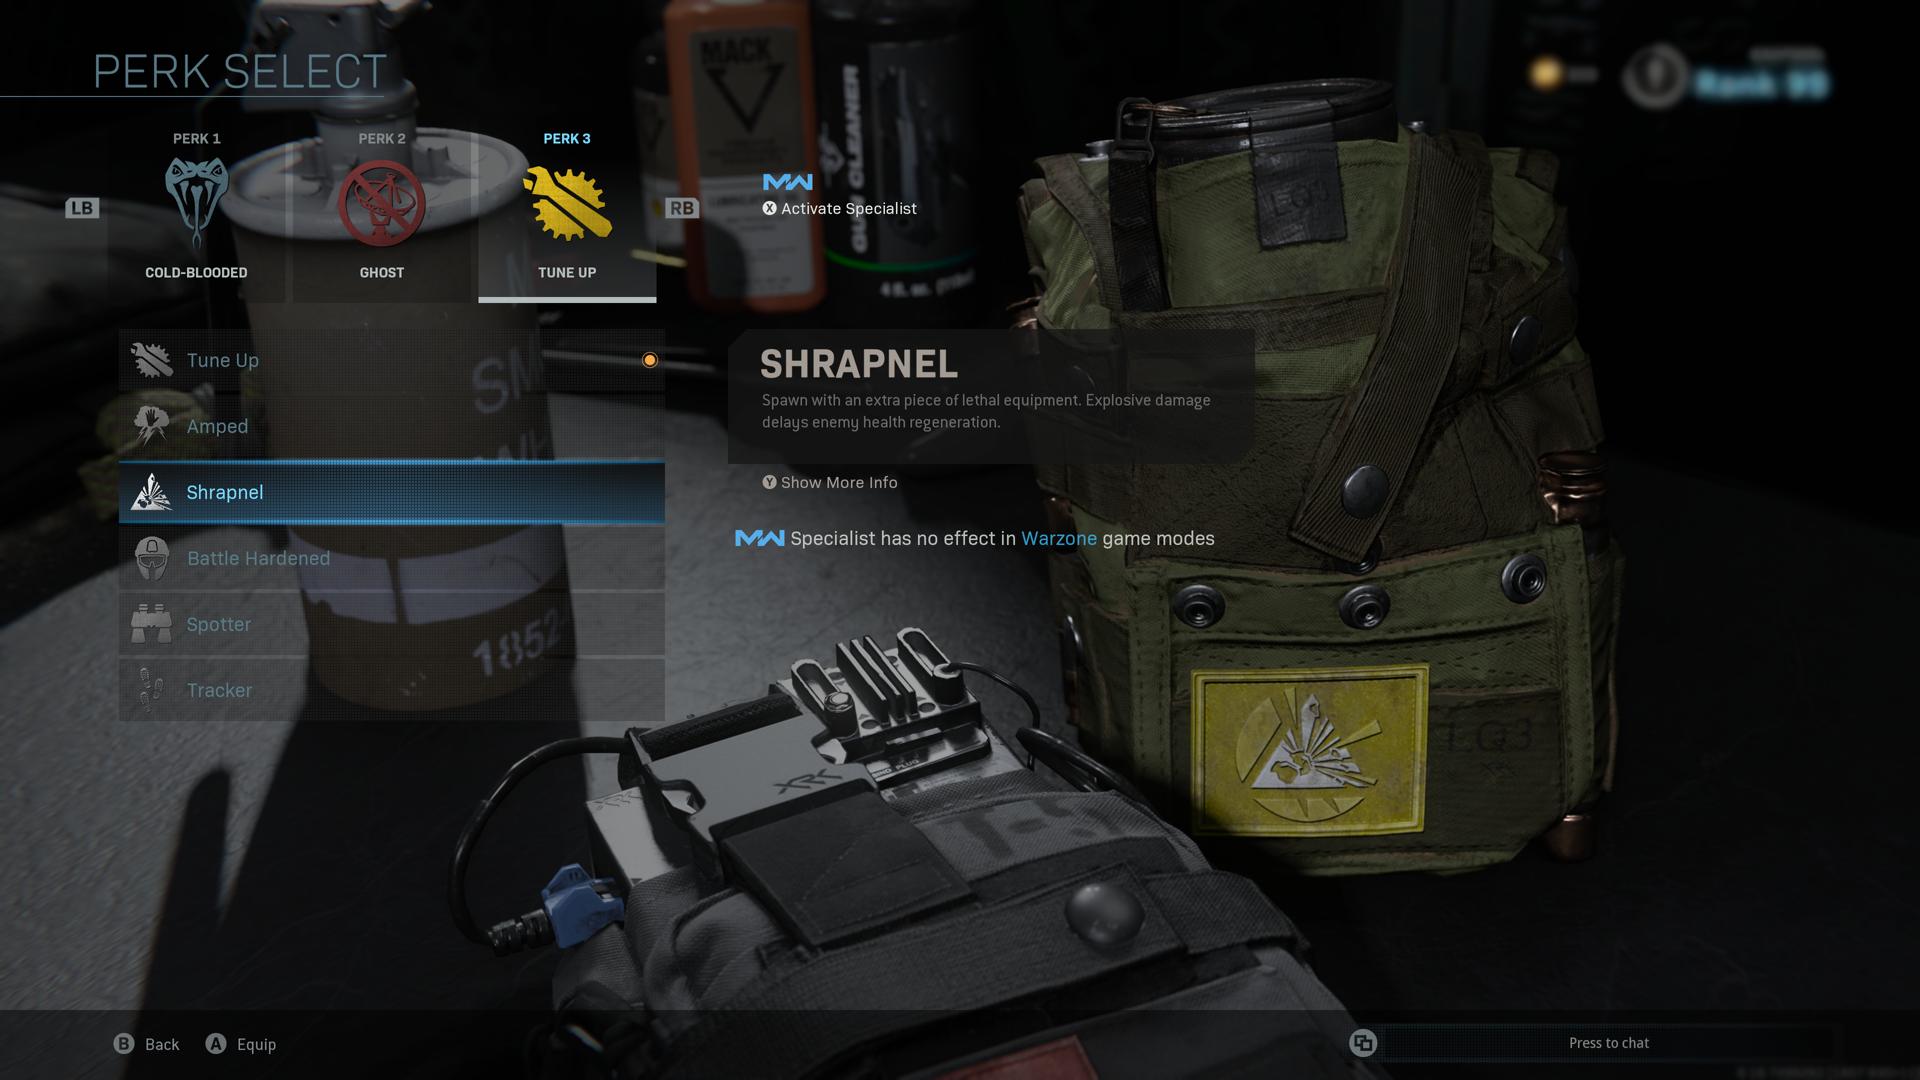 Shrapnel perk in Warzone.